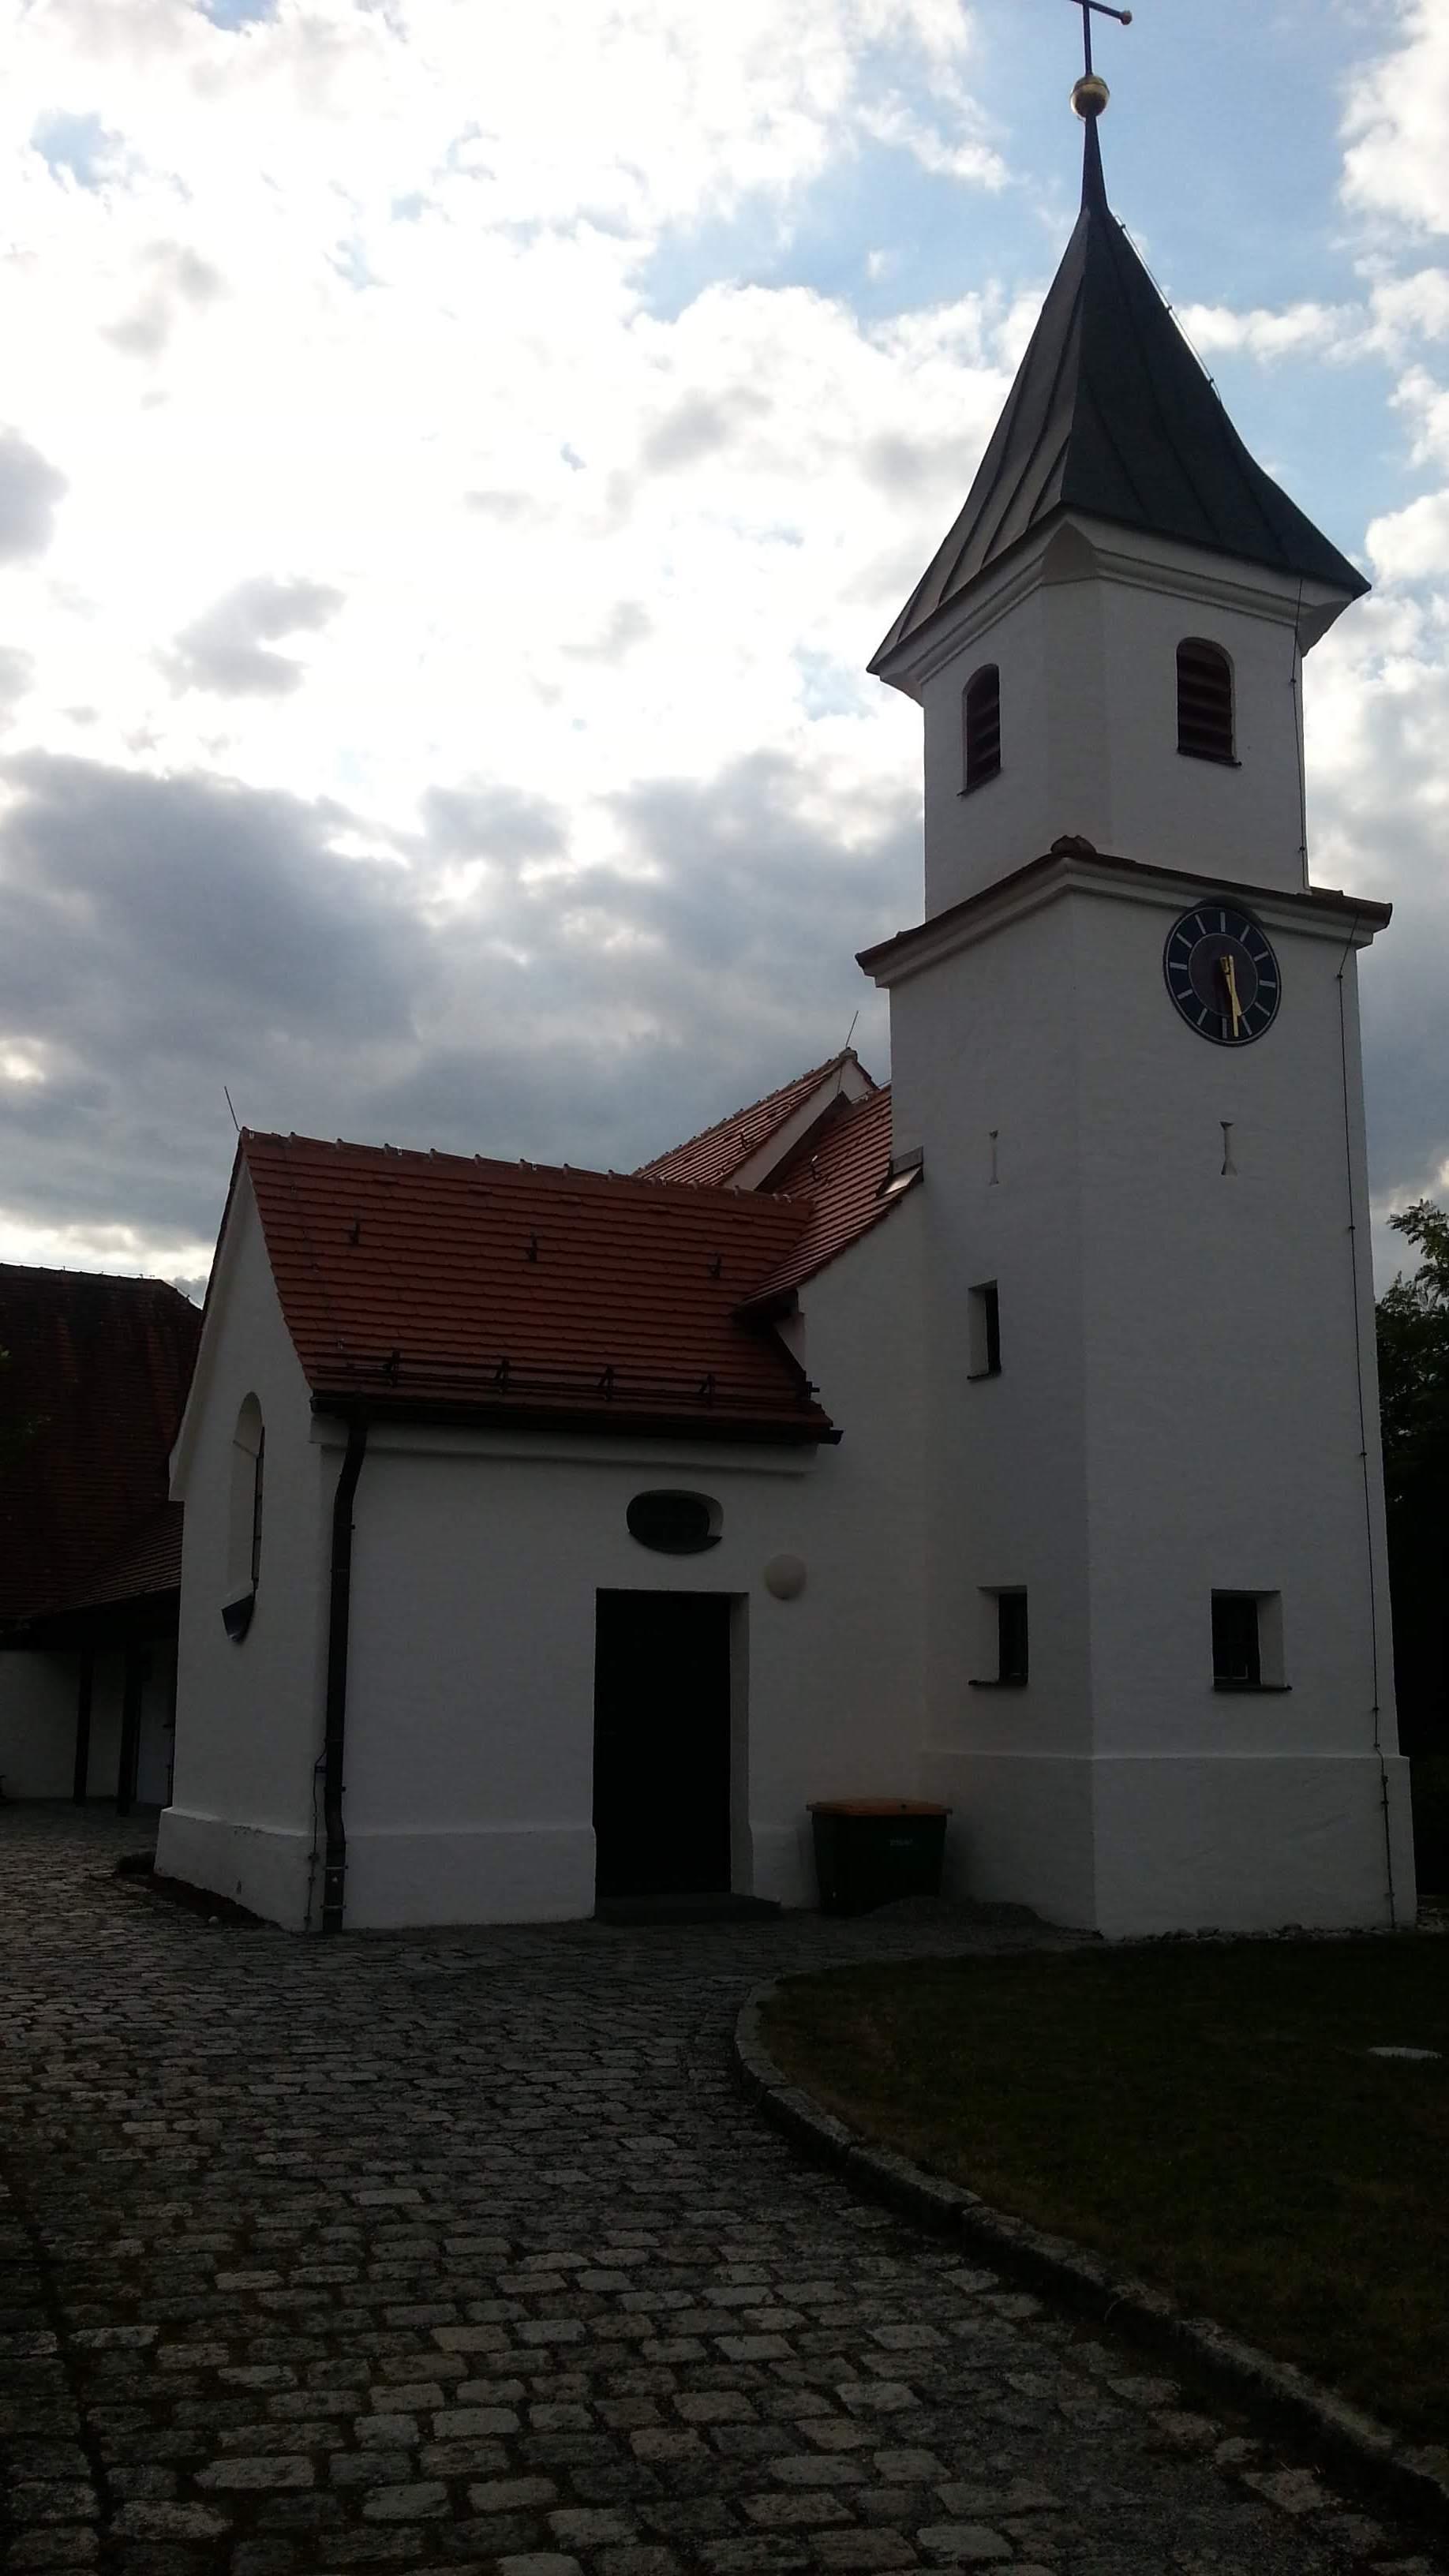 Jakobskirche in Reinhartshofen